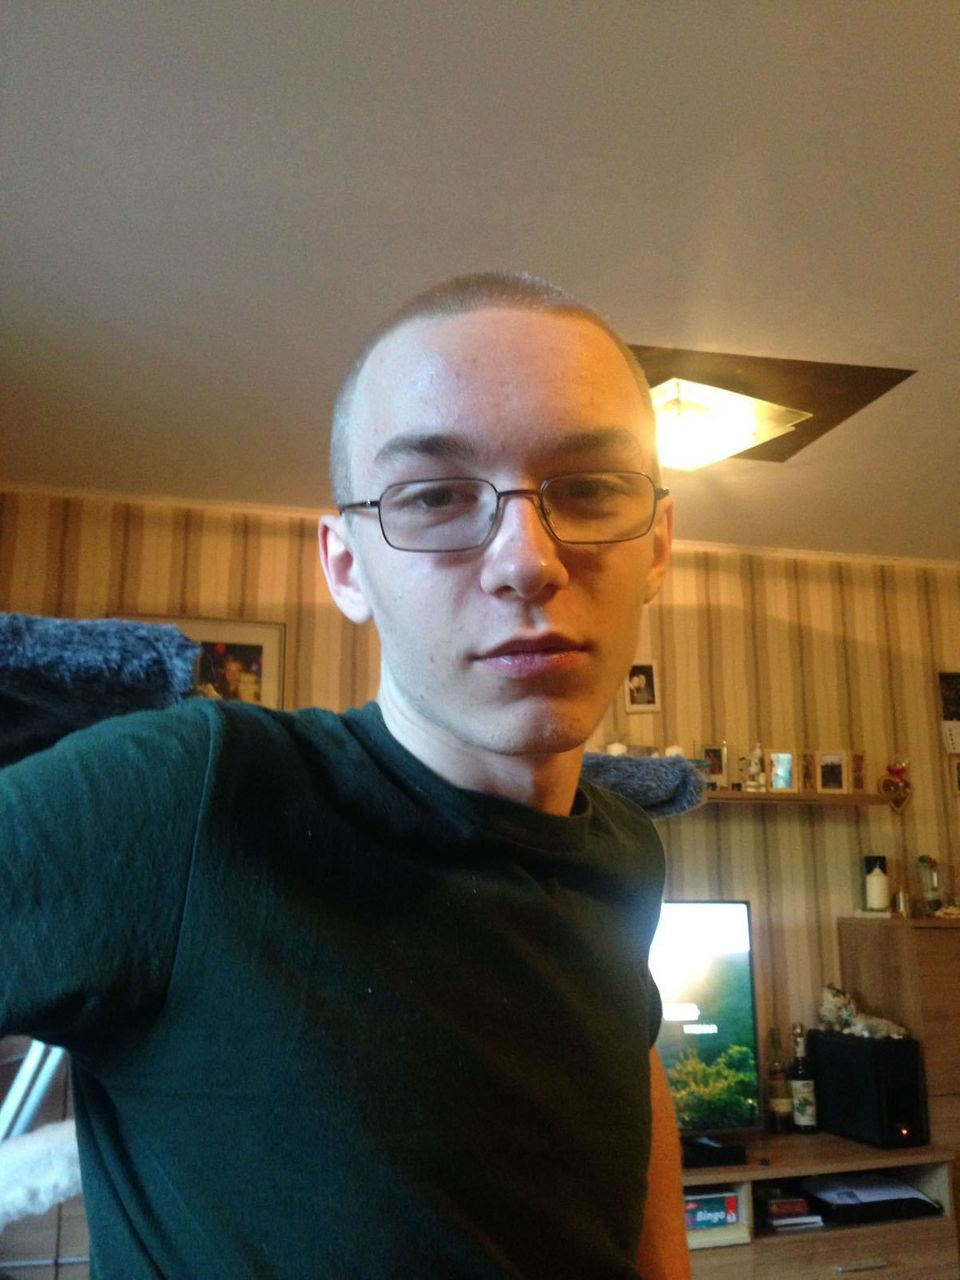 Fahndungsfoto zeigt einen dringend tatverdächtigen 19-jährigen Mann aus Herne